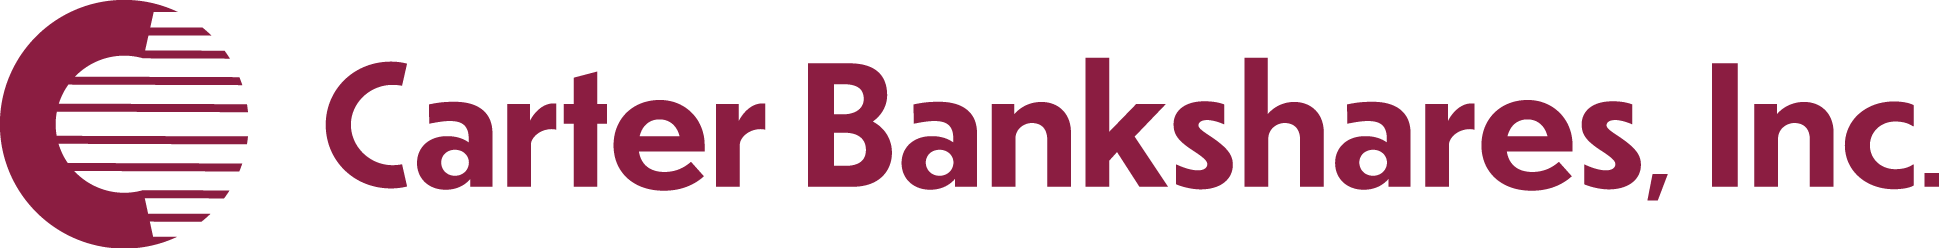 Carter Bankshares, Inc.